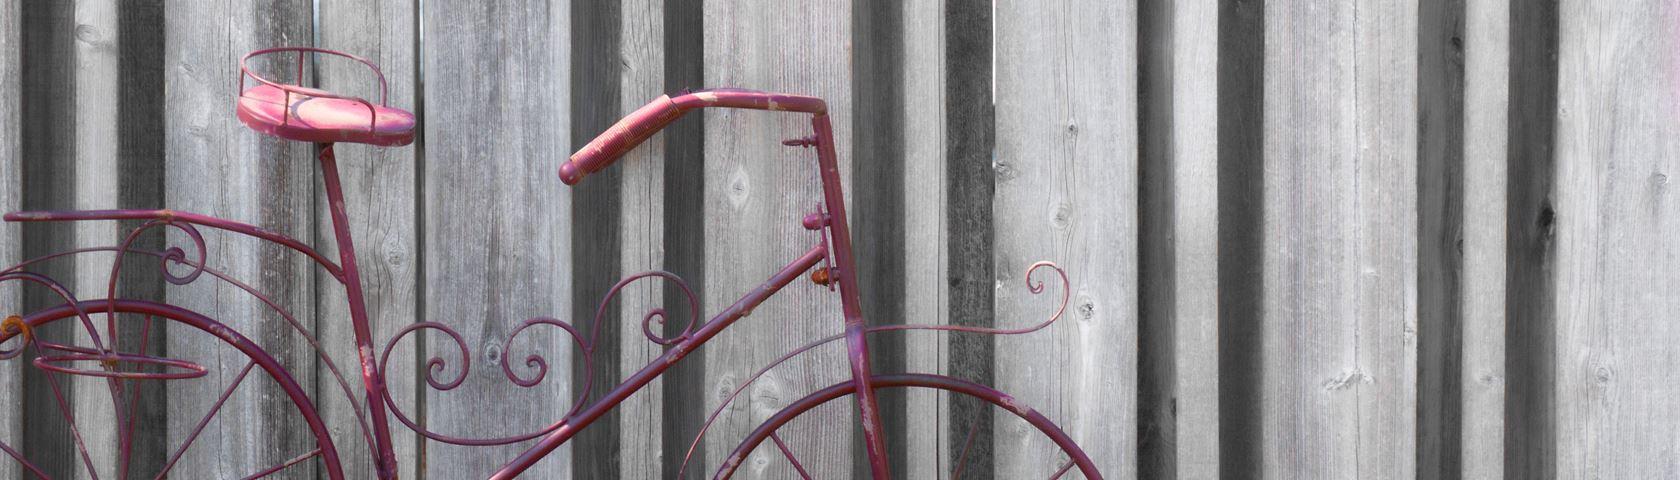 Ornamental Bike